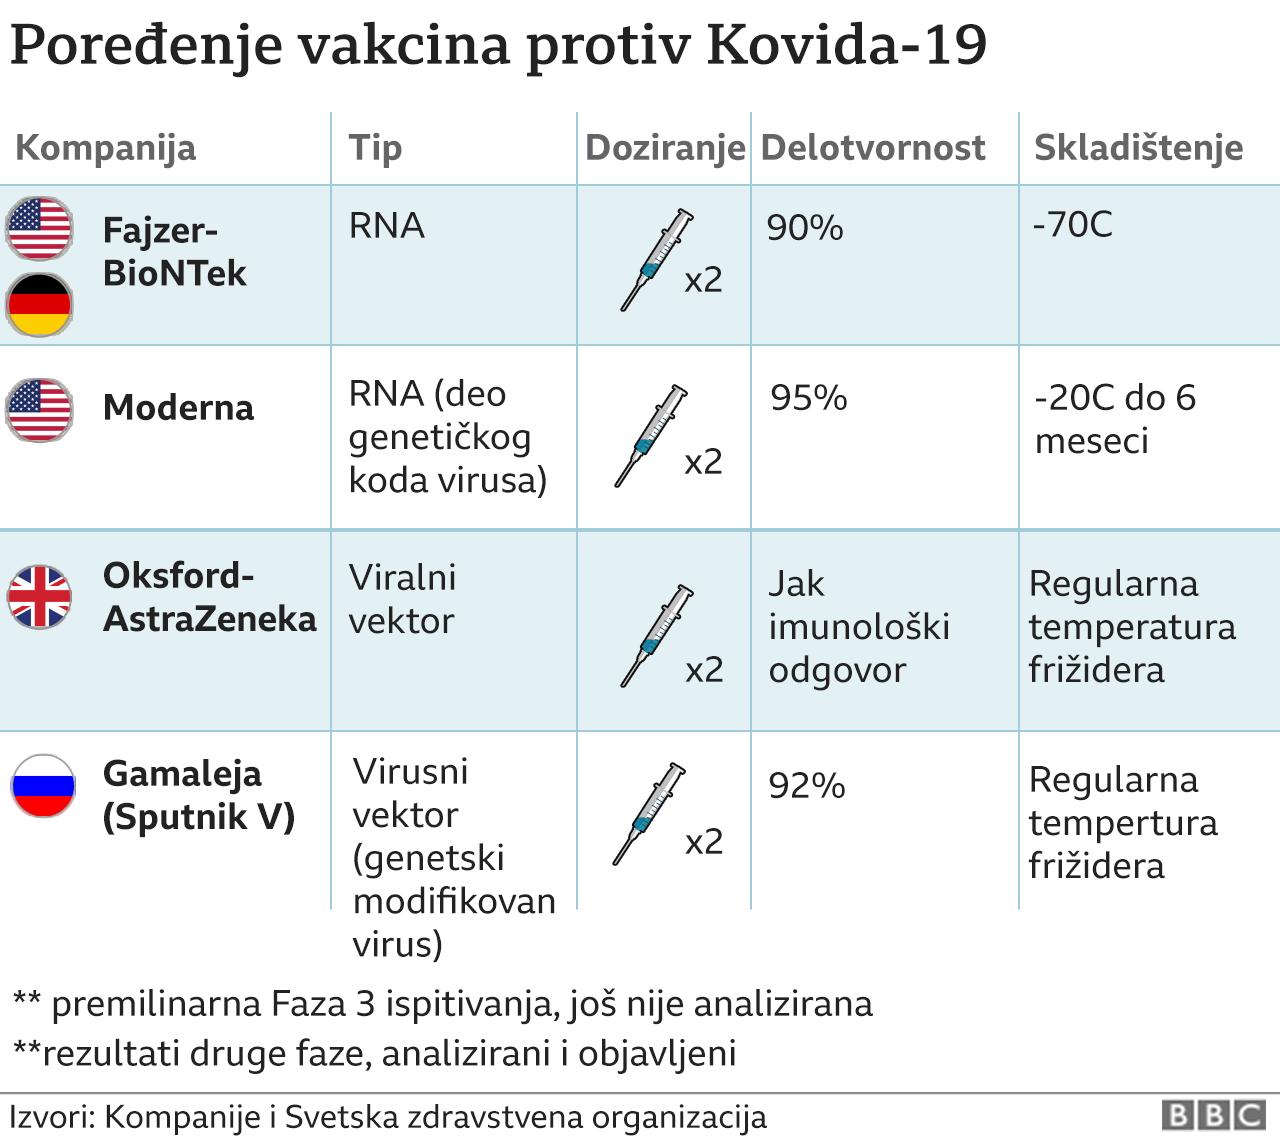 115584149_vakcineporedjenjegrafika